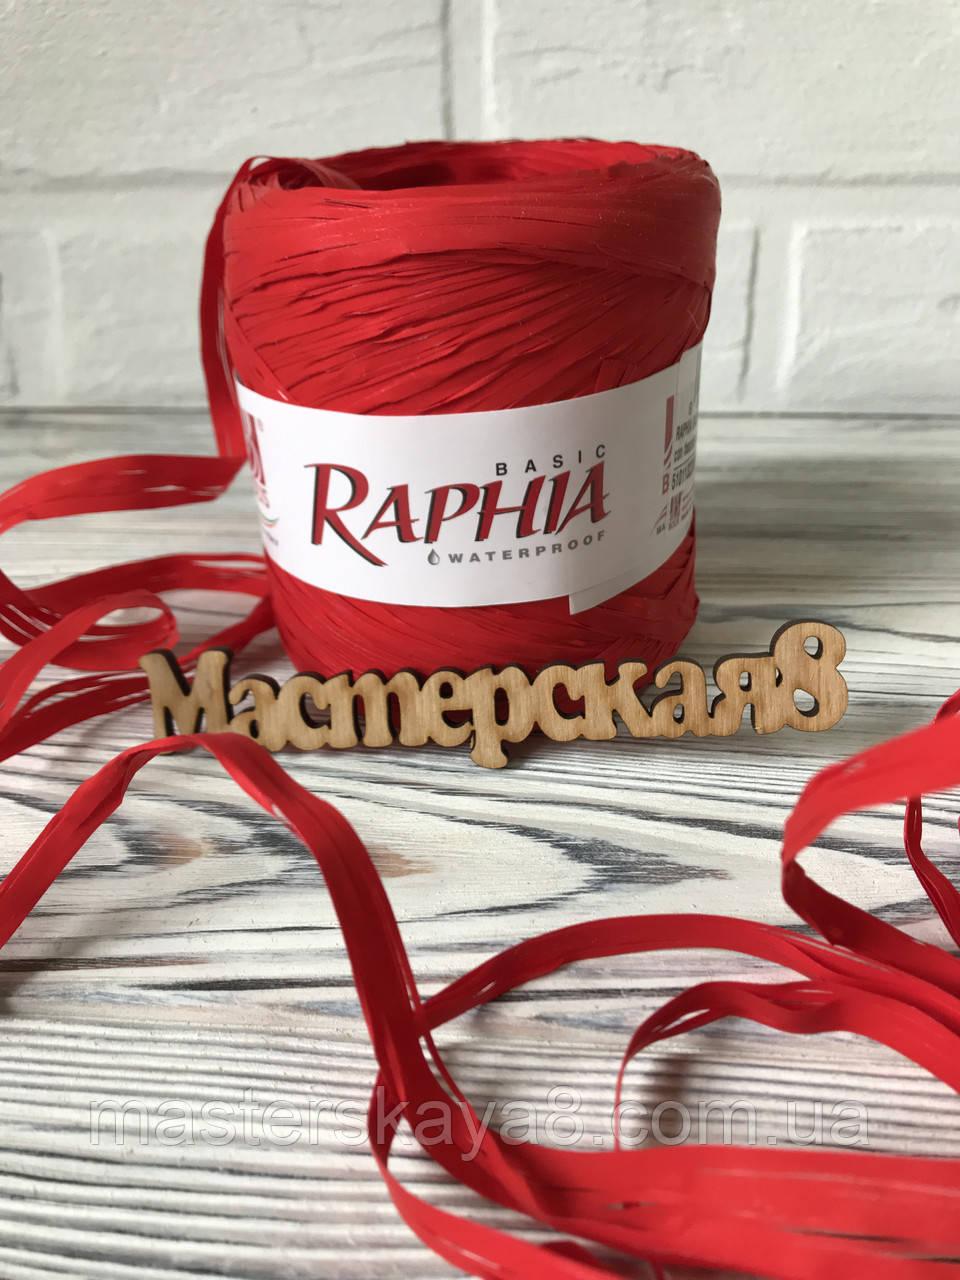 Рафия красная декоративная водоотталкивающая для декора и упаковки